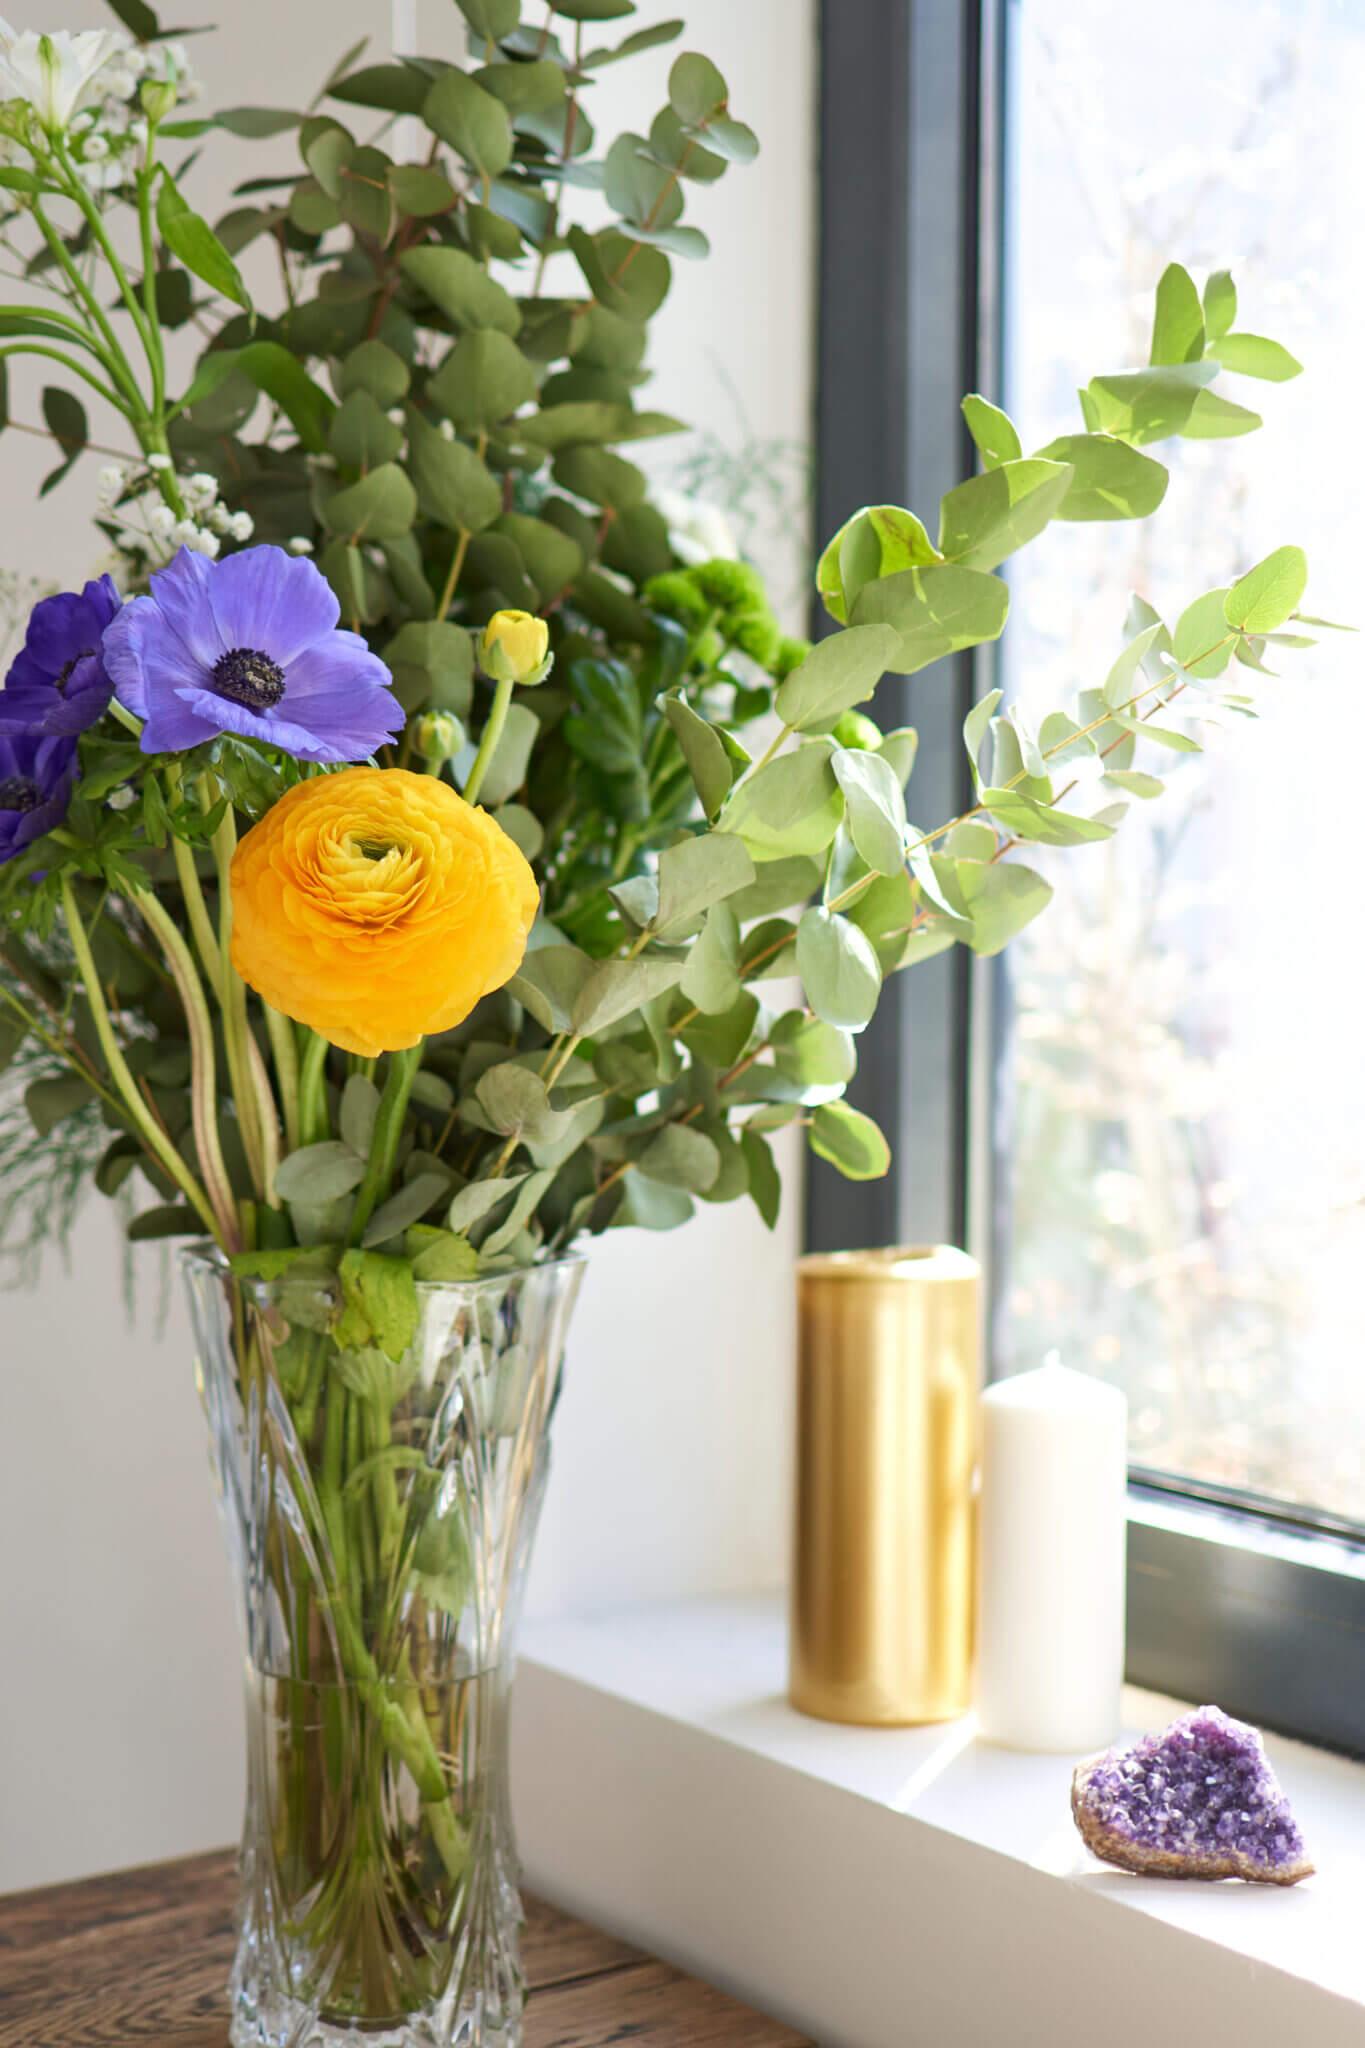 Fleurs, bougies et pierres naturelles devant fenêtre